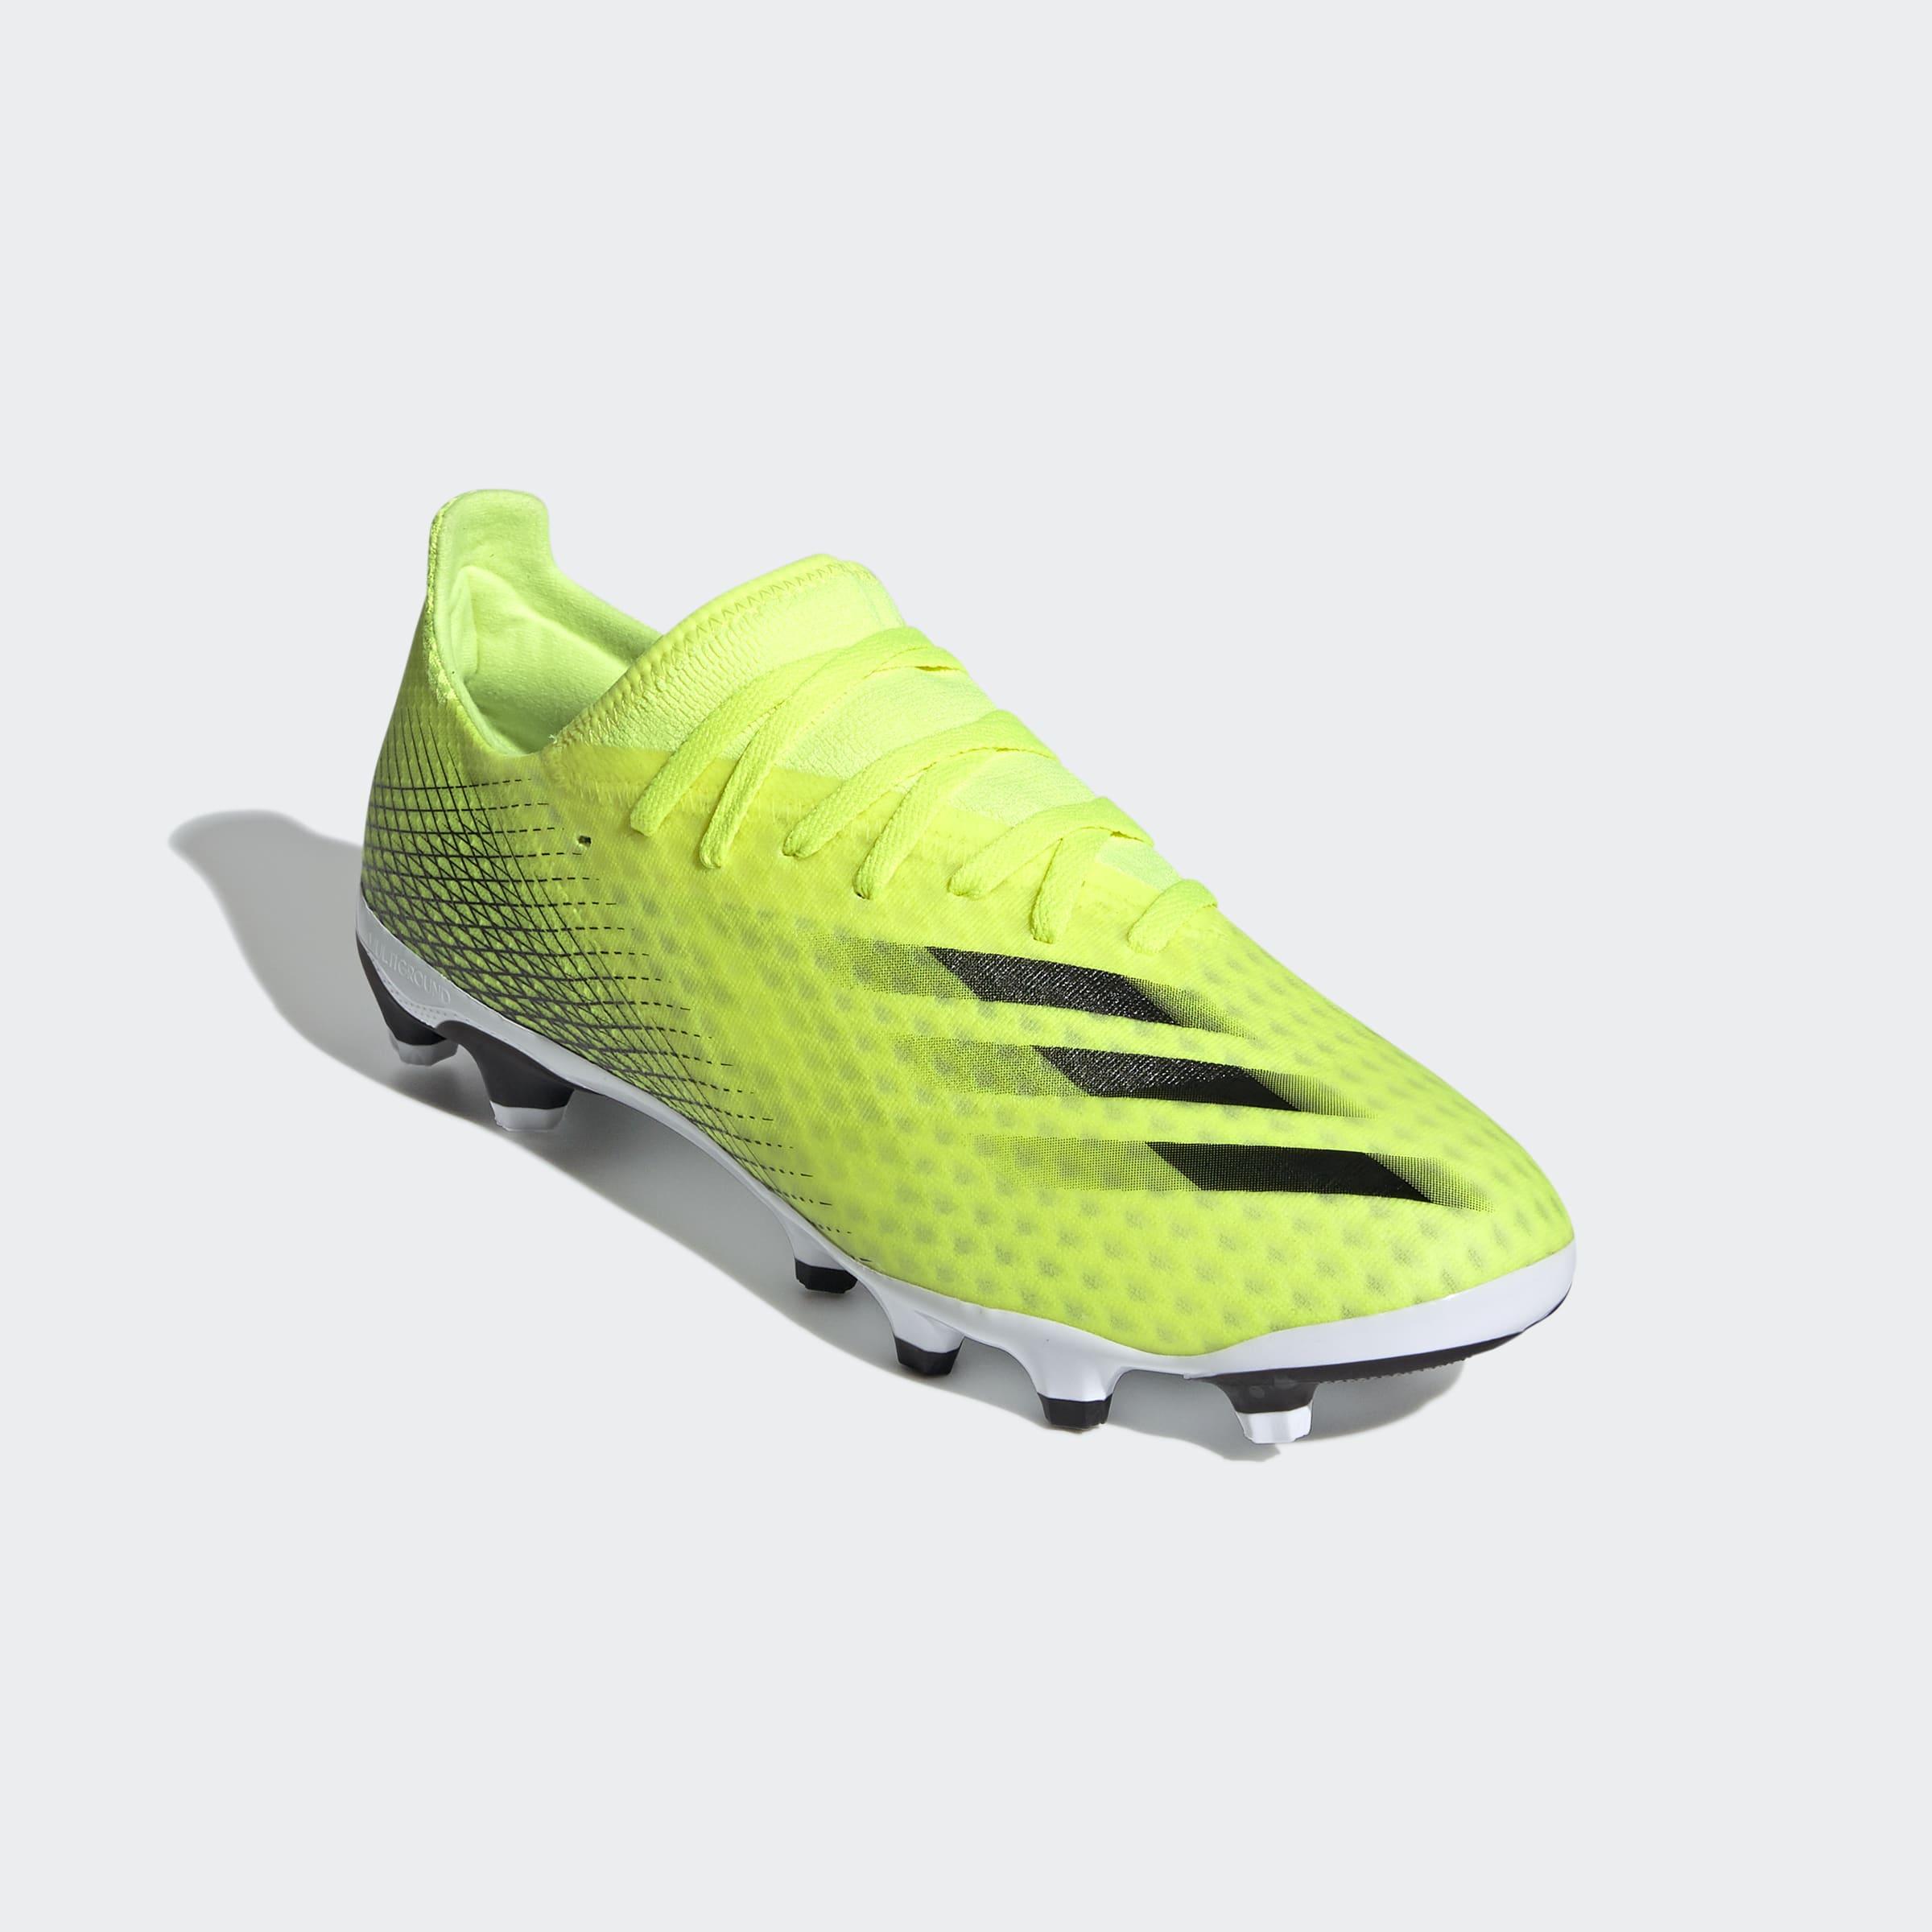 adidas Performance Fußballschuh X GHOSTED 3 MG günstig online kaufen